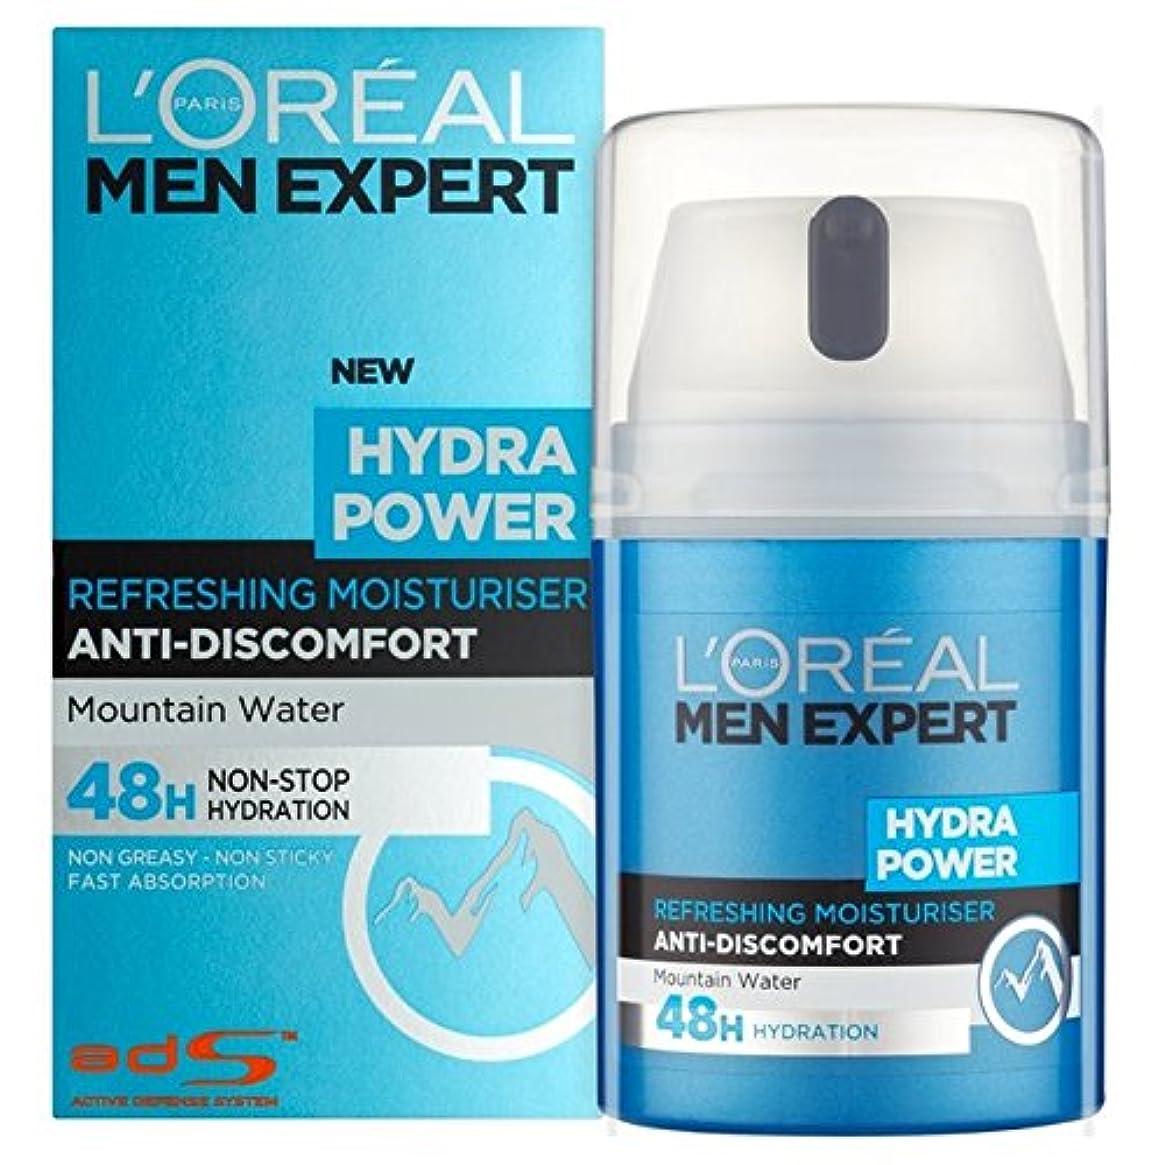 評決どこにでもマラウイL'Oreal Paris Men Expert Hydra Power Refreshing Moisturiser 50ml - ロレアルパリのメンズ専門ヒドラ電源爽やか保湿50ミリリットル [並行輸入品]